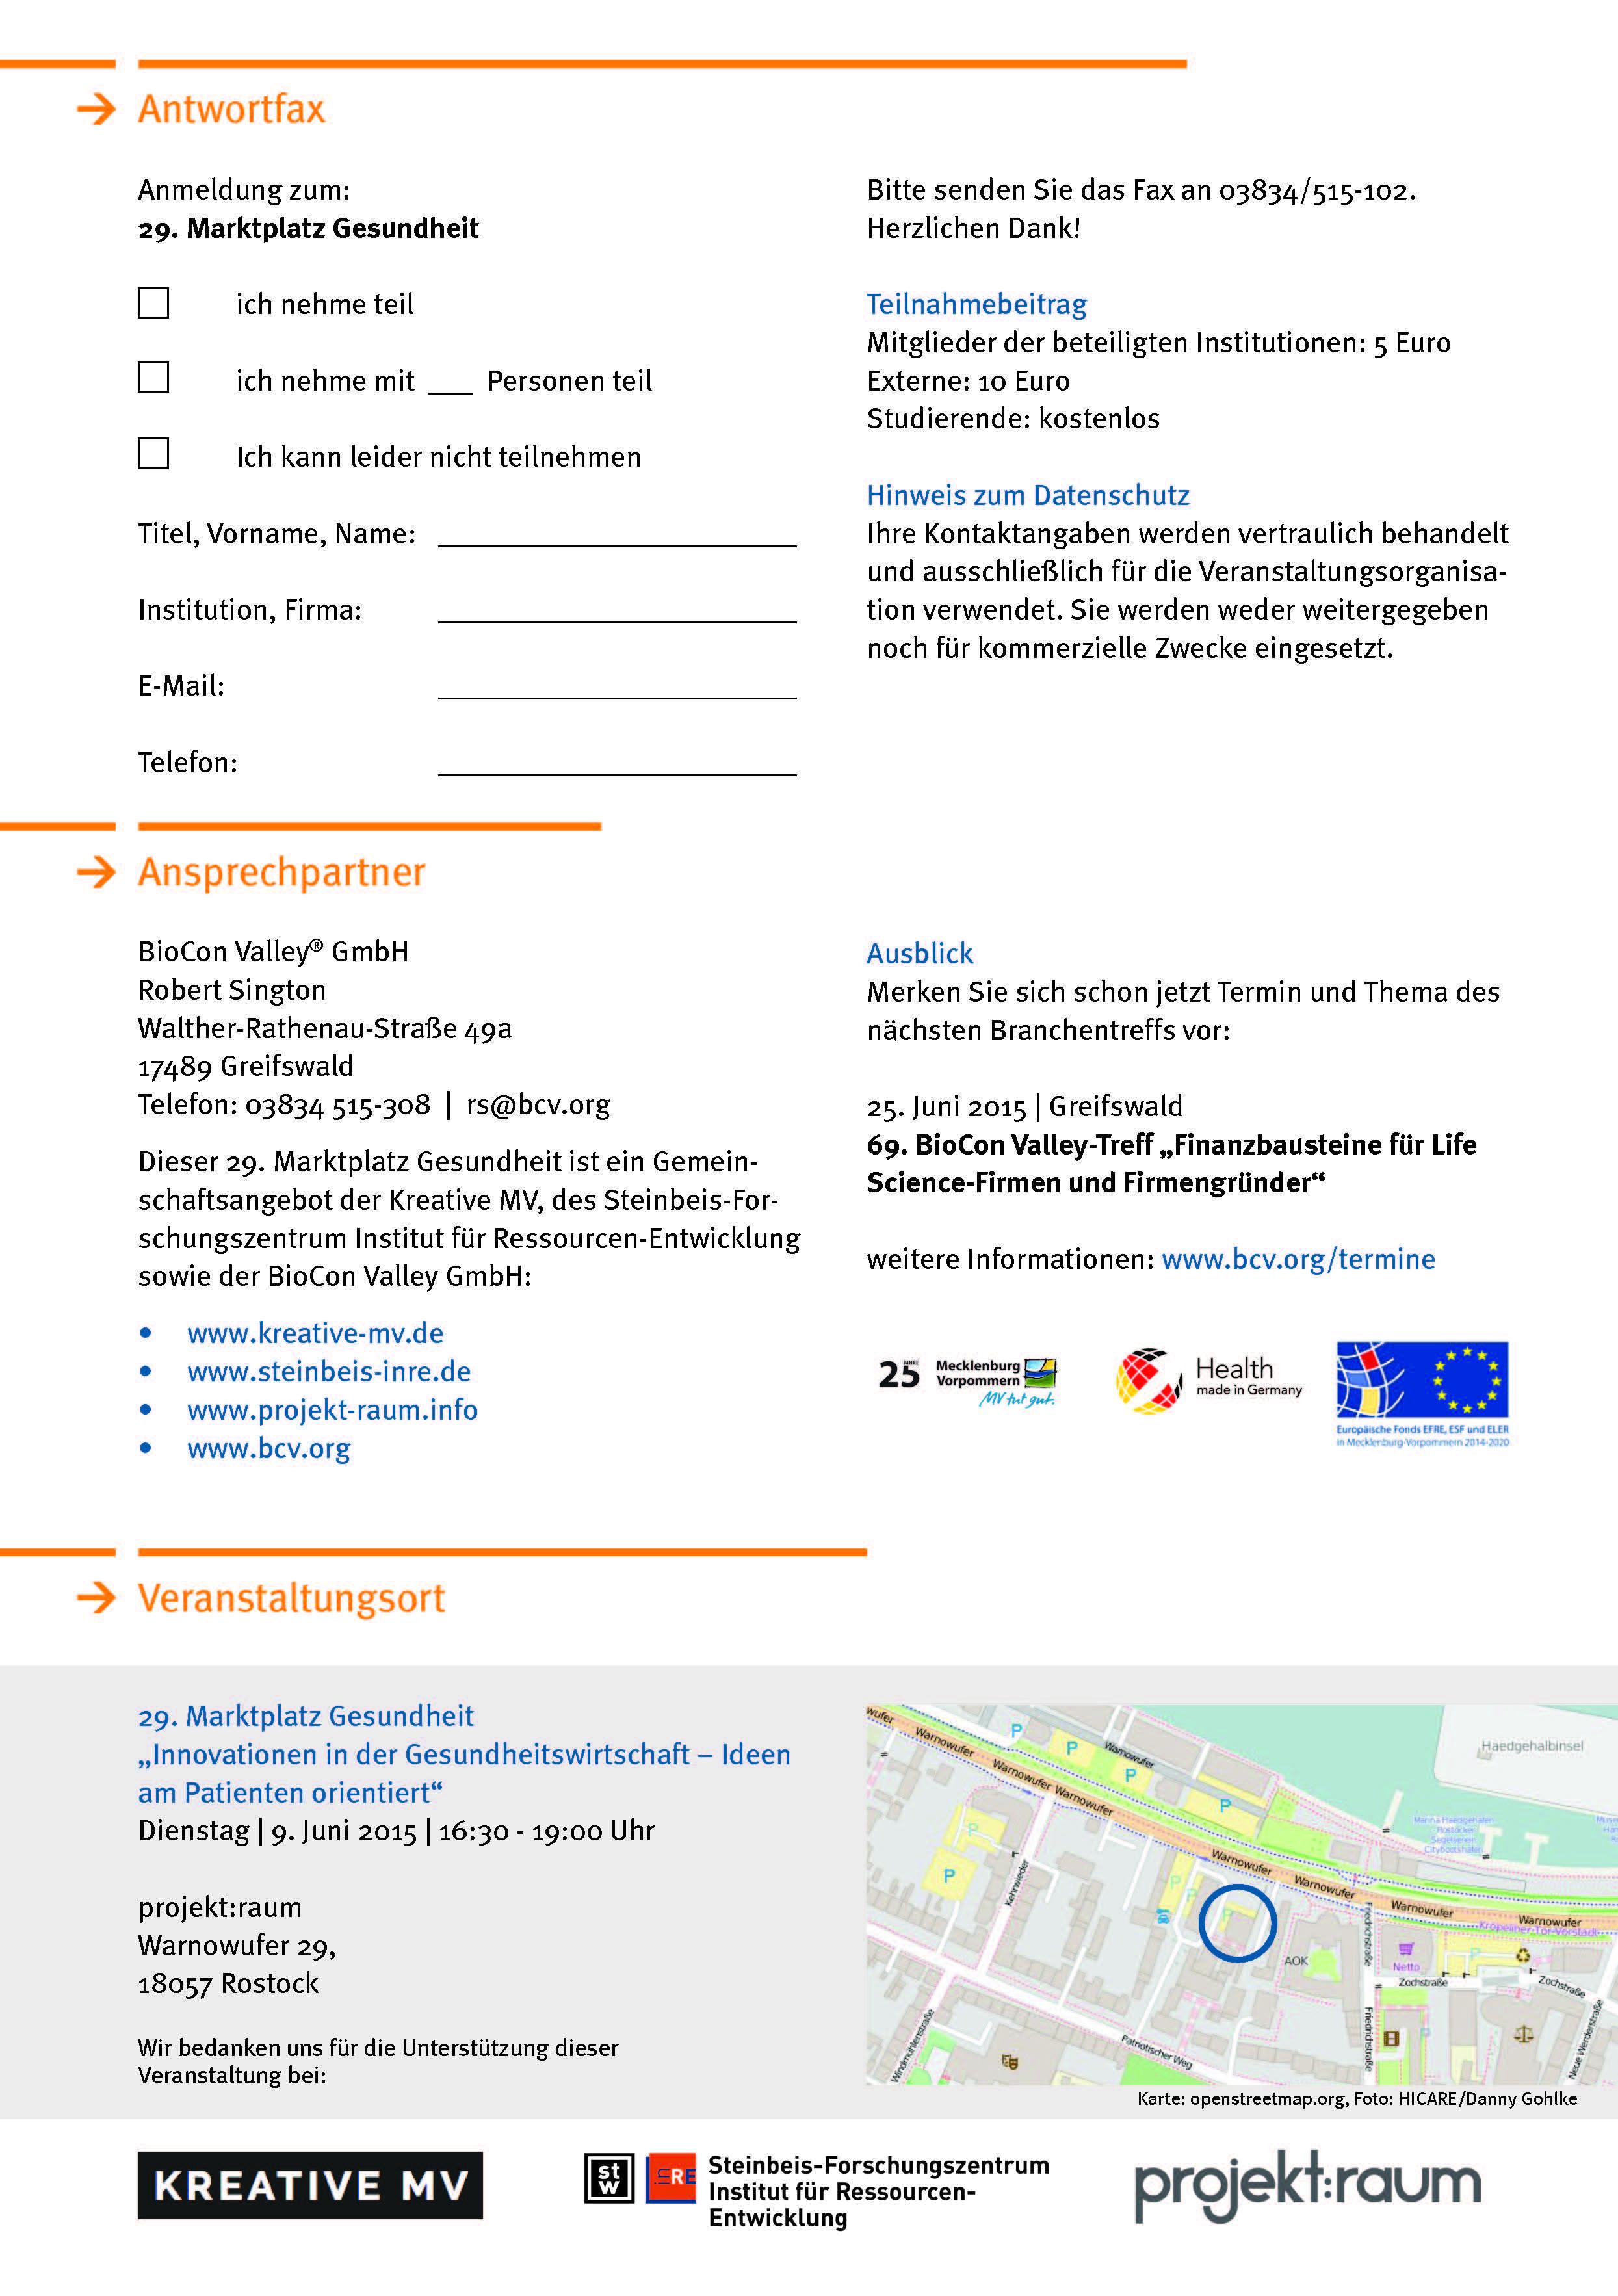 Anmeldung Marktplatz Gesundheit am 09.06.2015